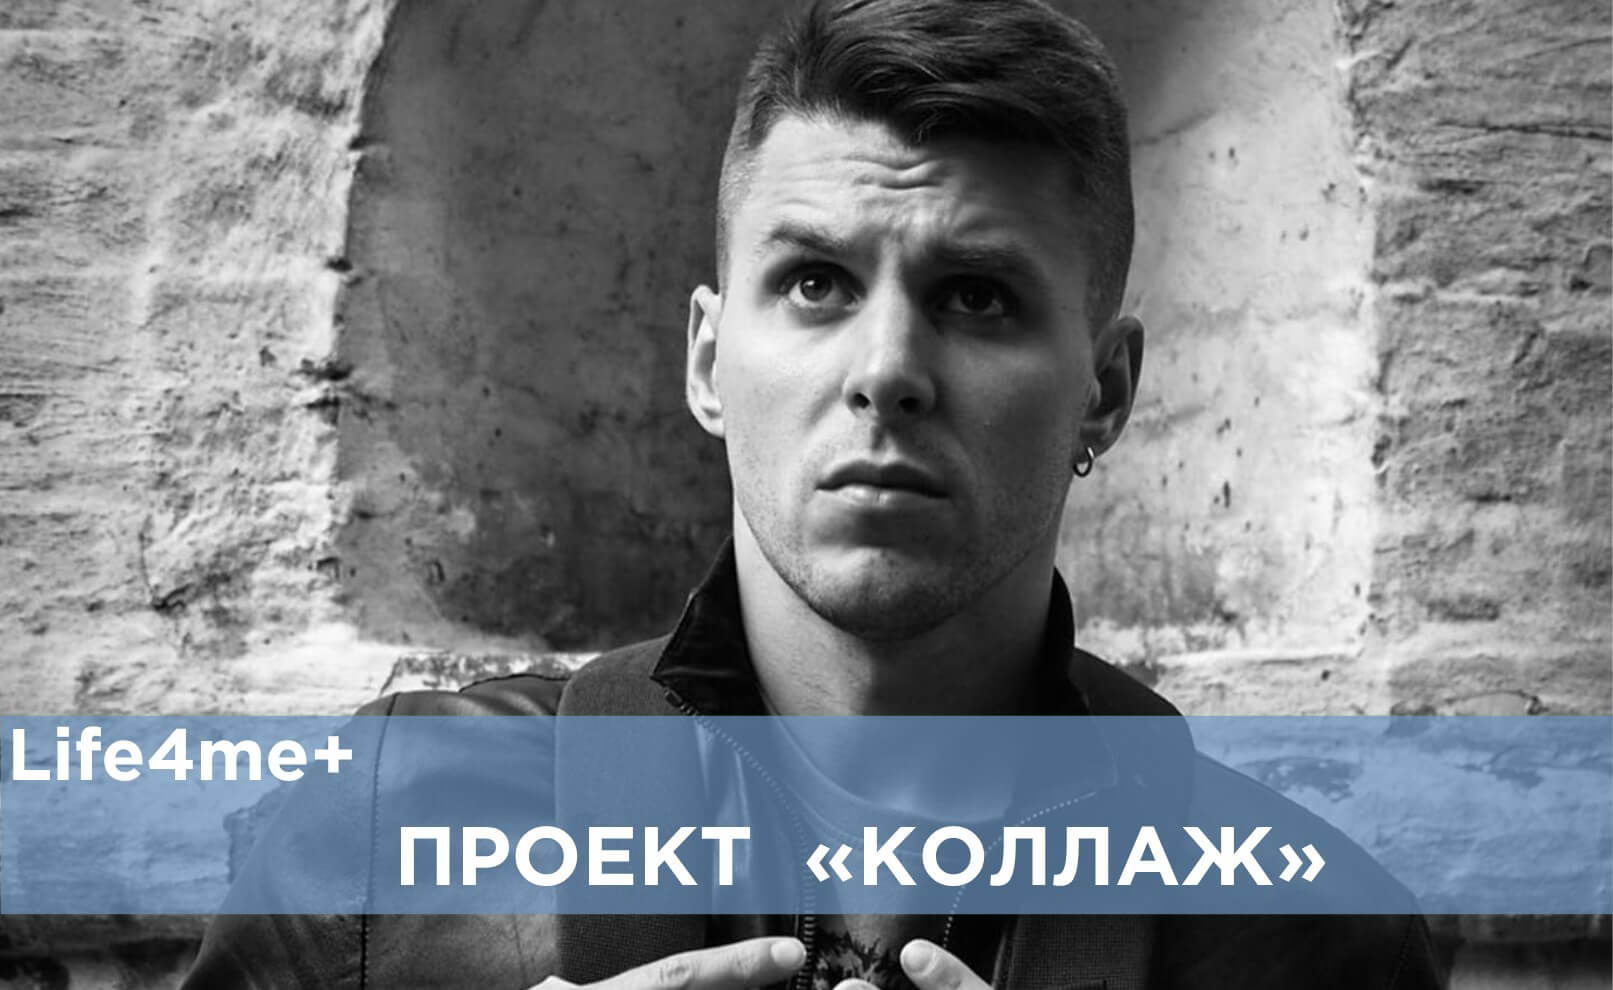 """Коллаж: """"Я просто человек с интересной работой"""", - Дмитрий"""